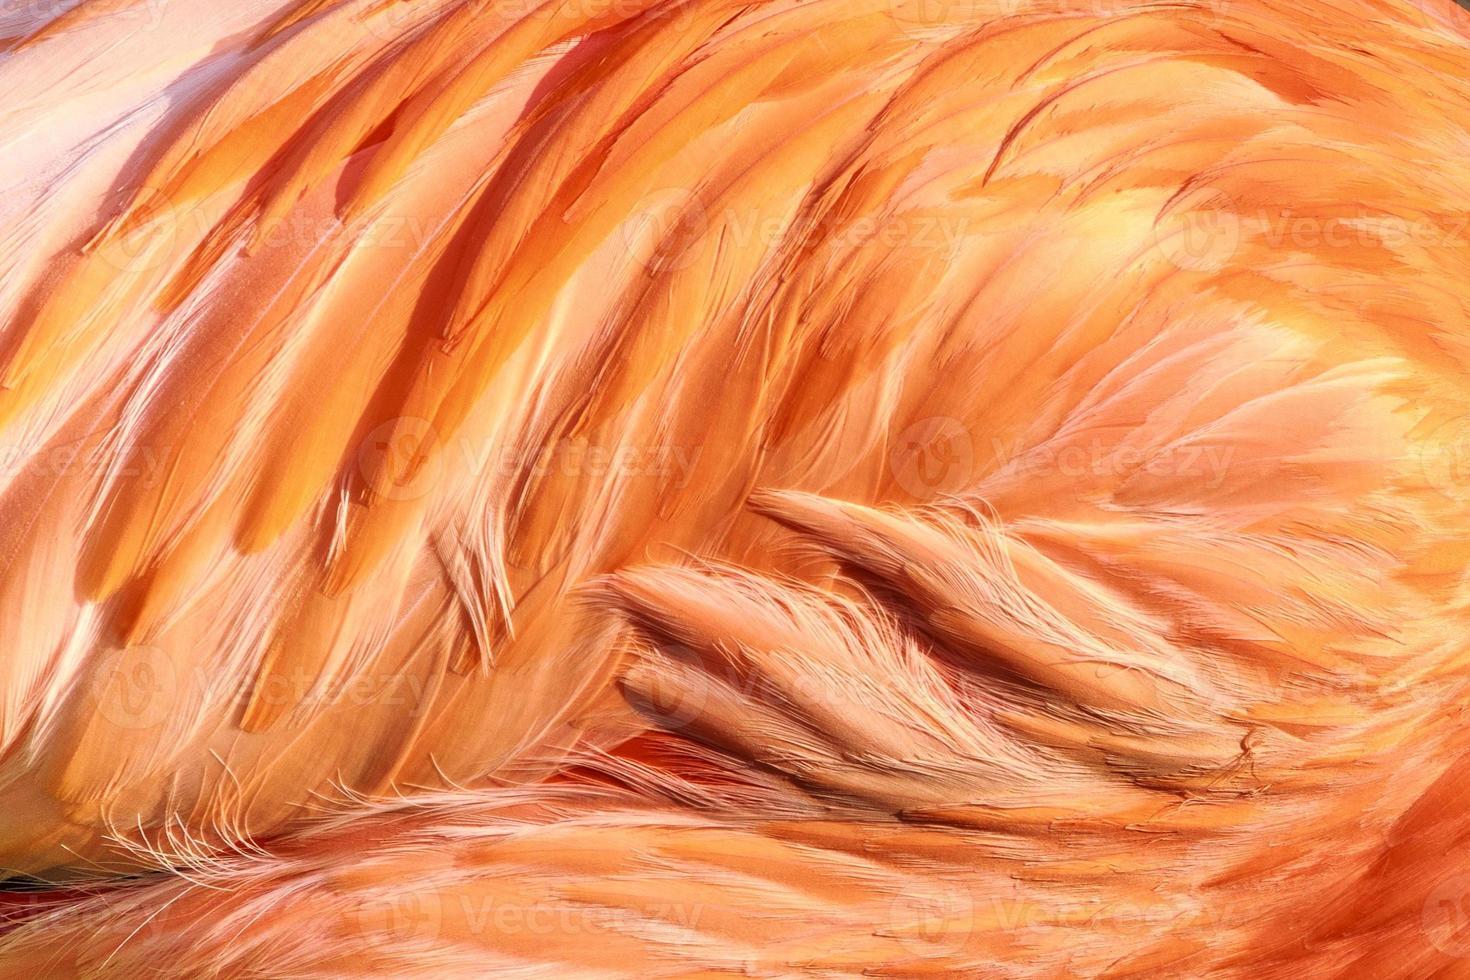 detalle de la pluma de flamenco foto